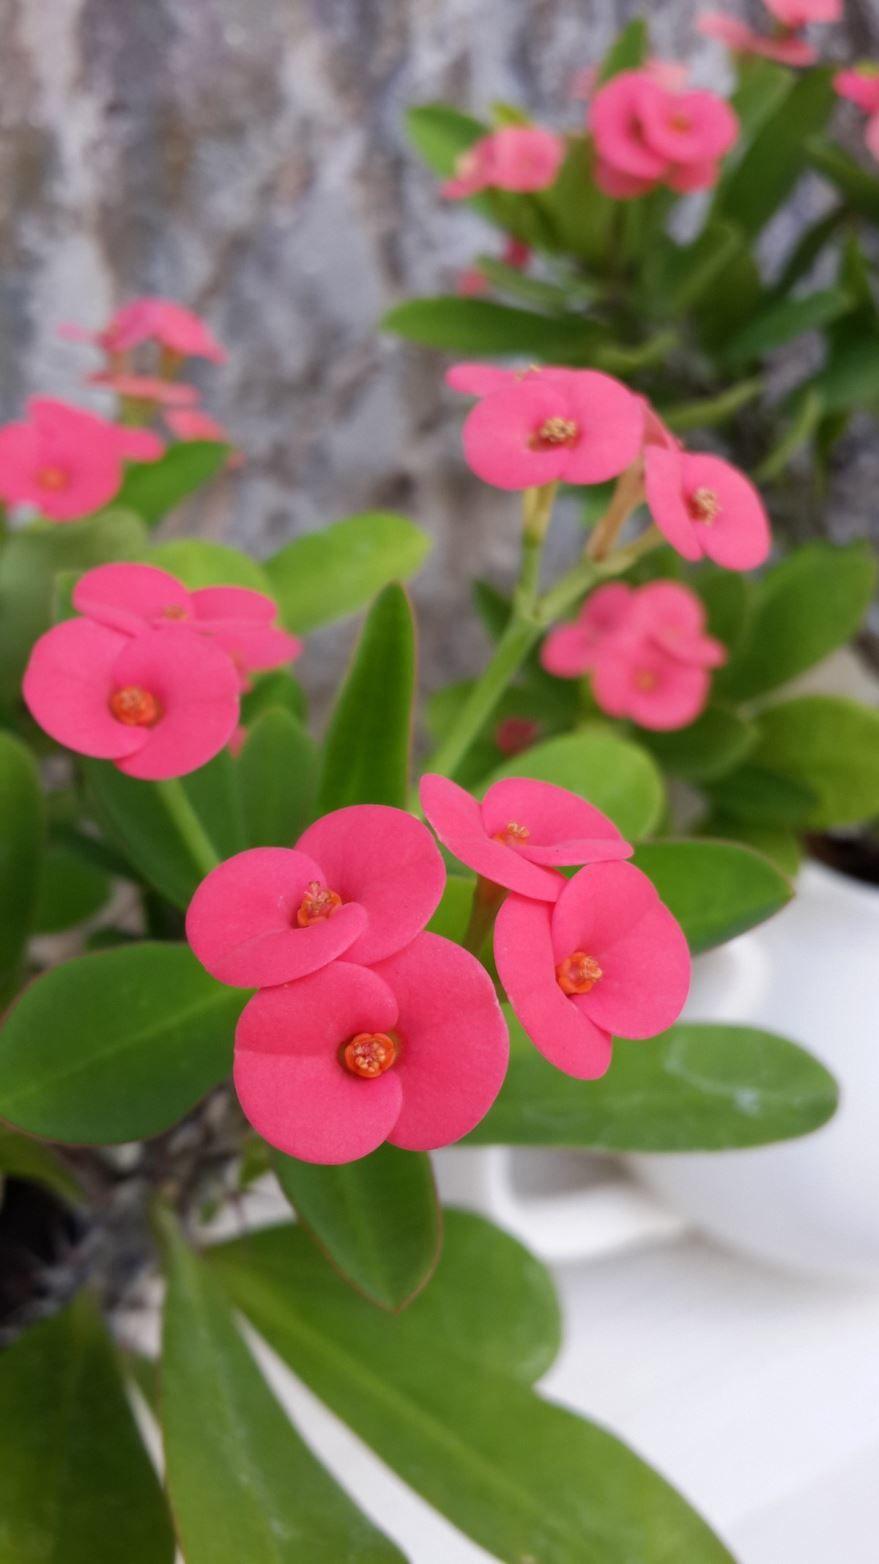 Фото домашнего растения – молочай в хорошем качестве